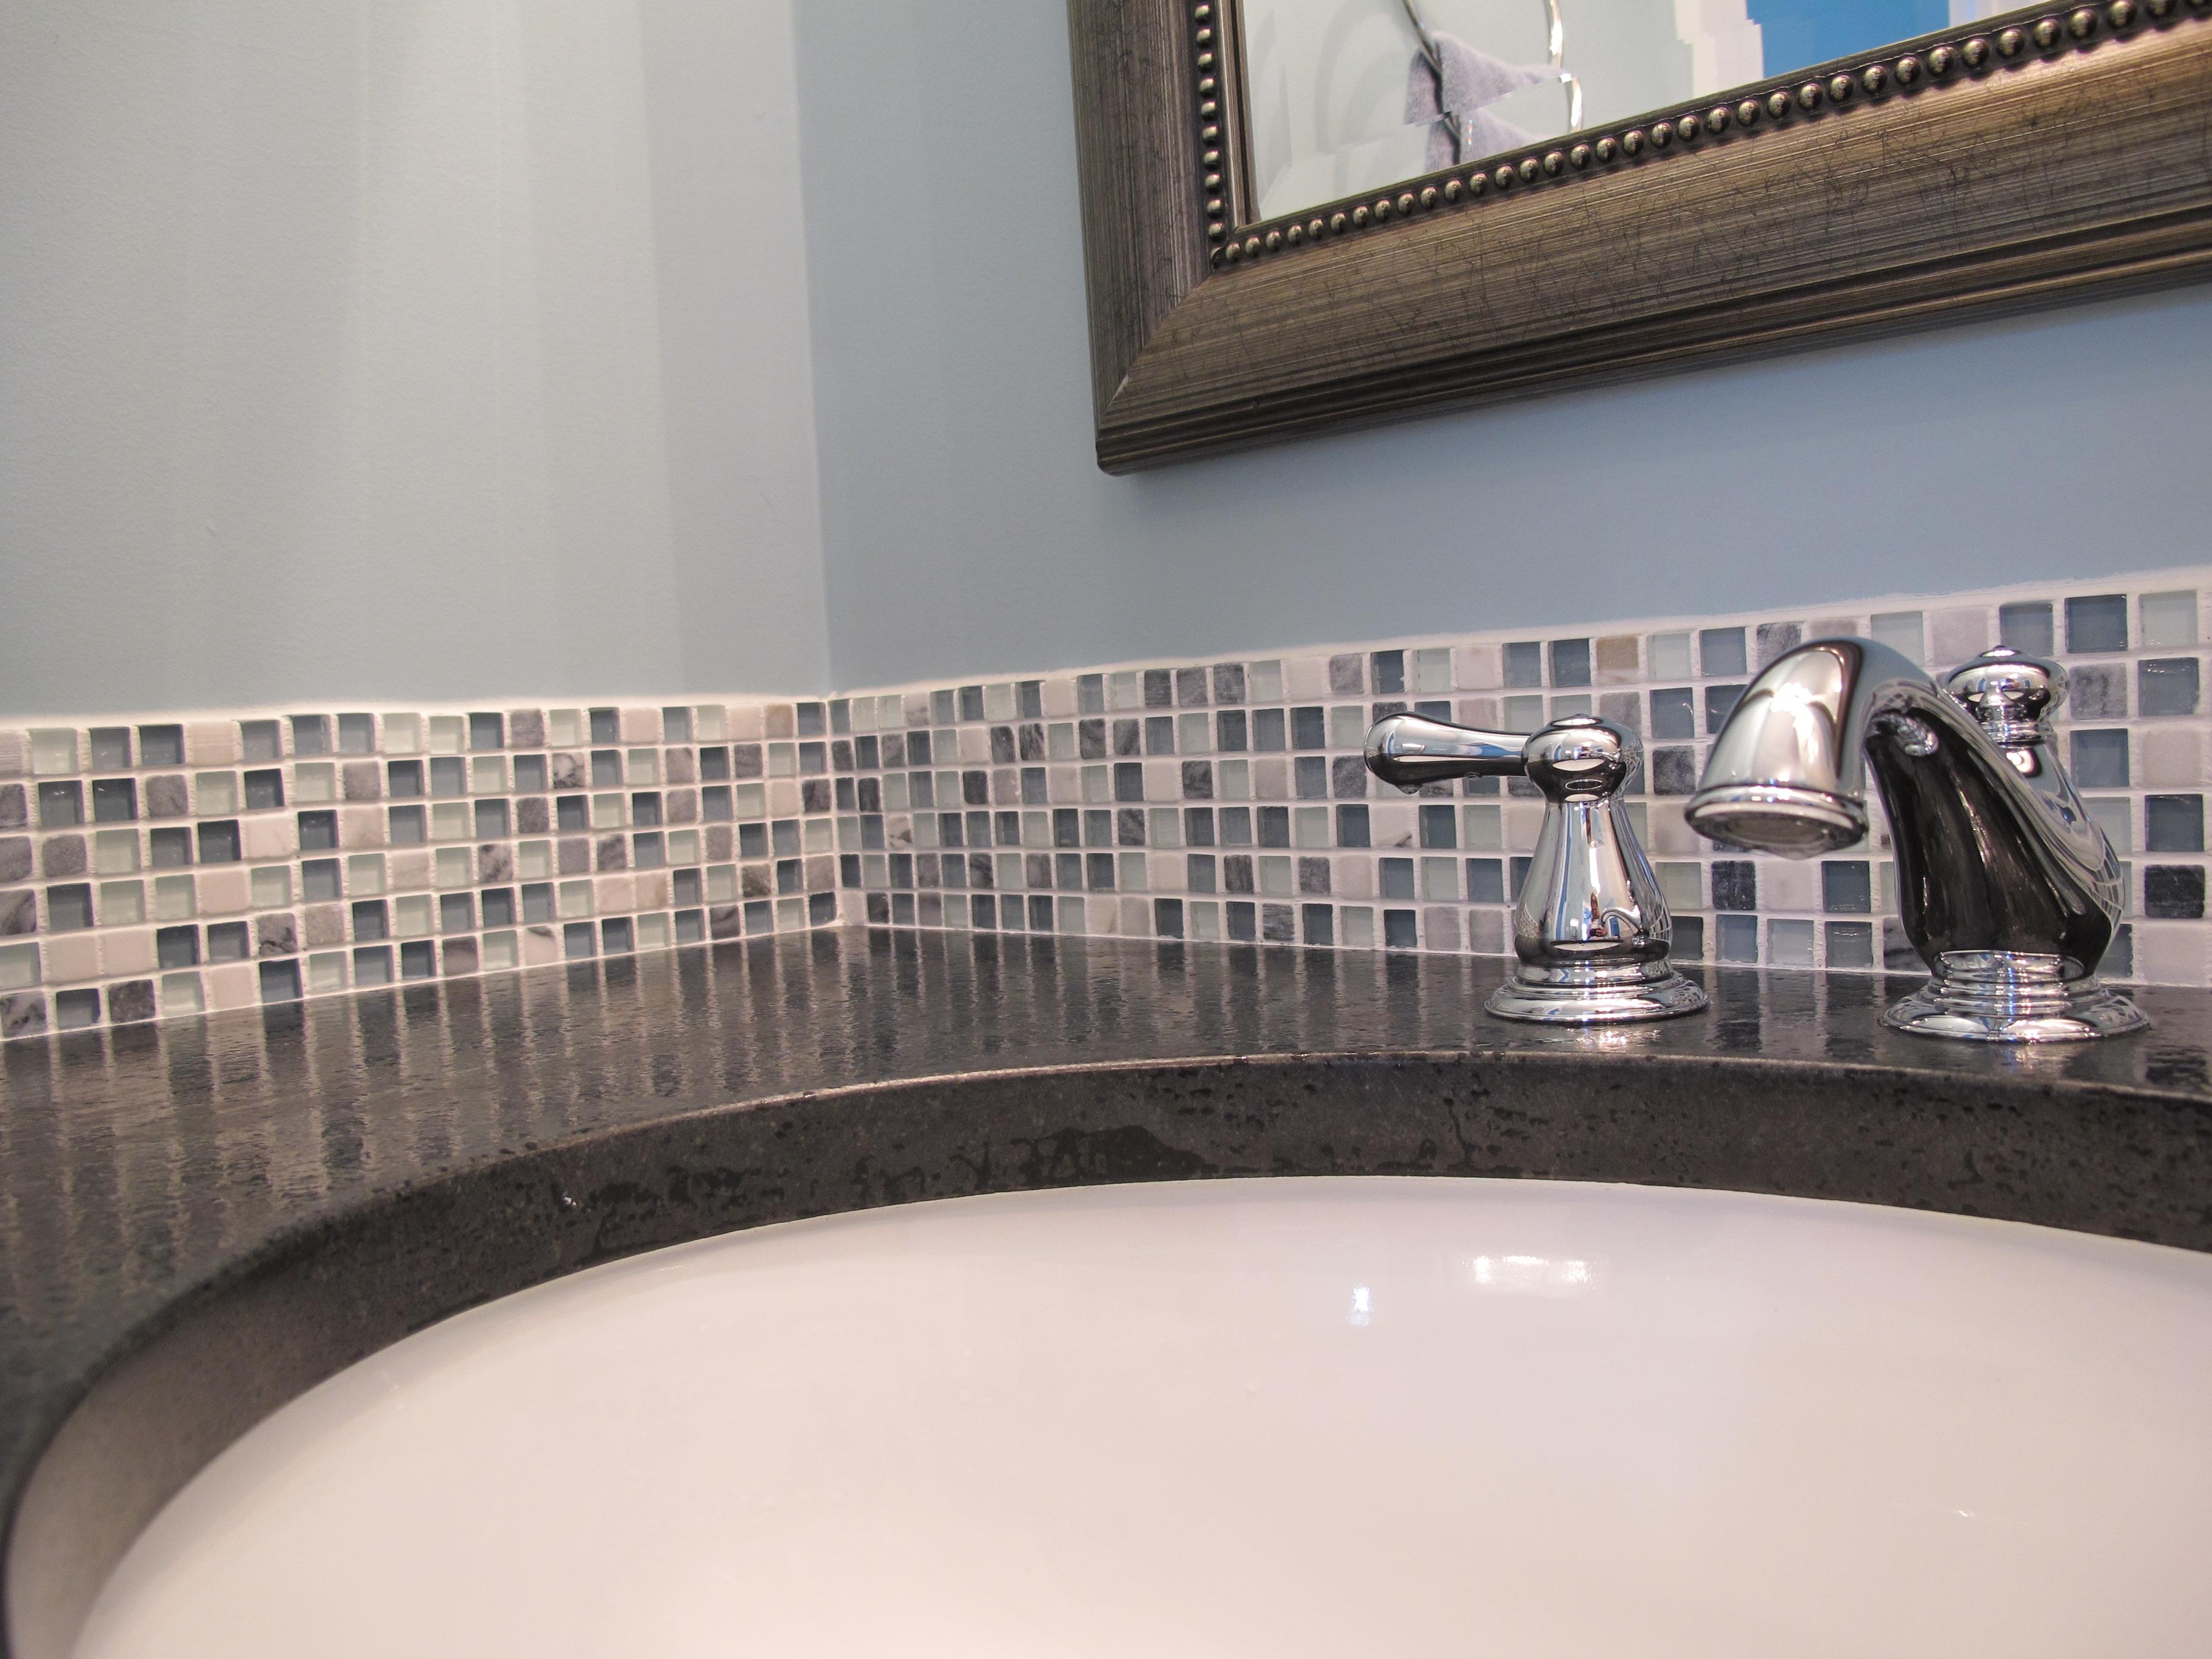 Finding A Discount Tile Backsplash Online Belk Tile